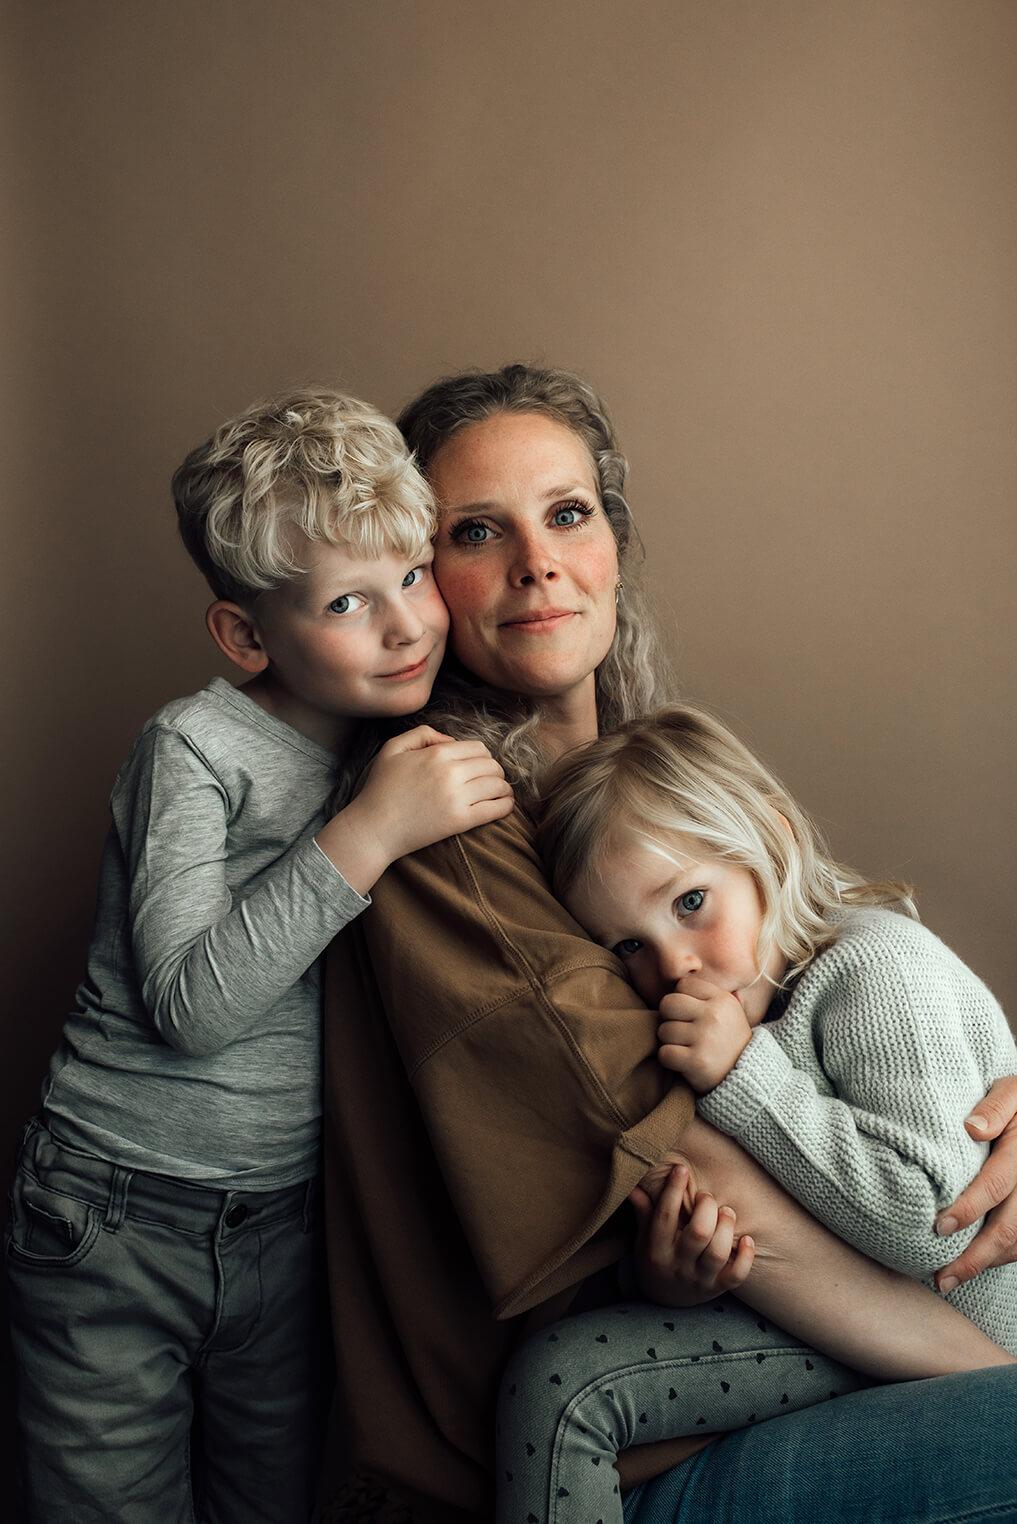 portret moeder en kinderen op bruine achtergrond